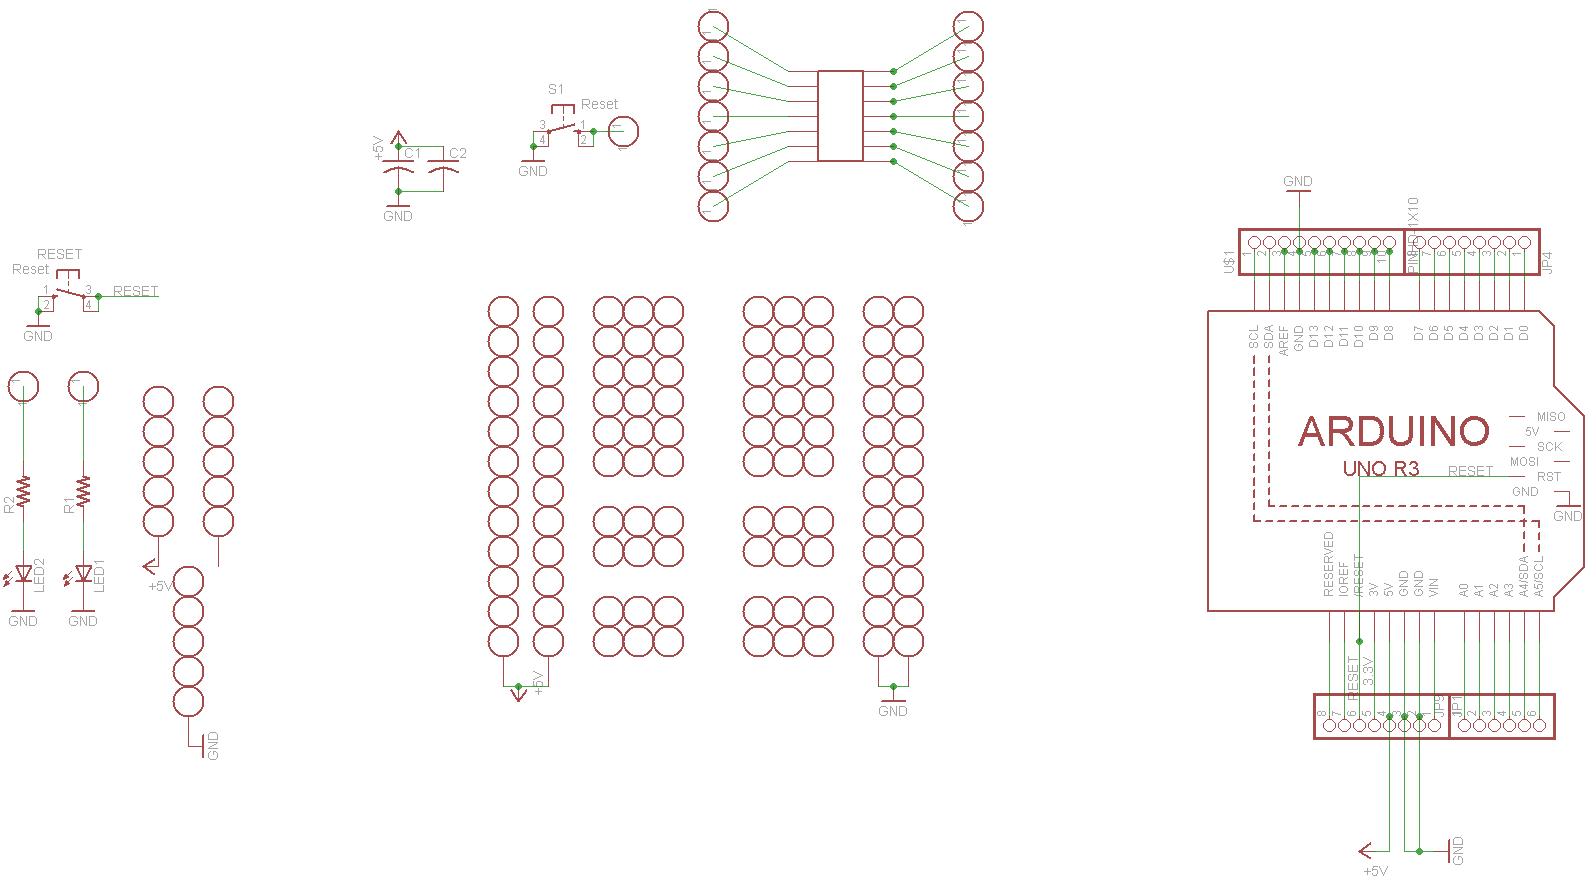 learn_arduino_schem.png